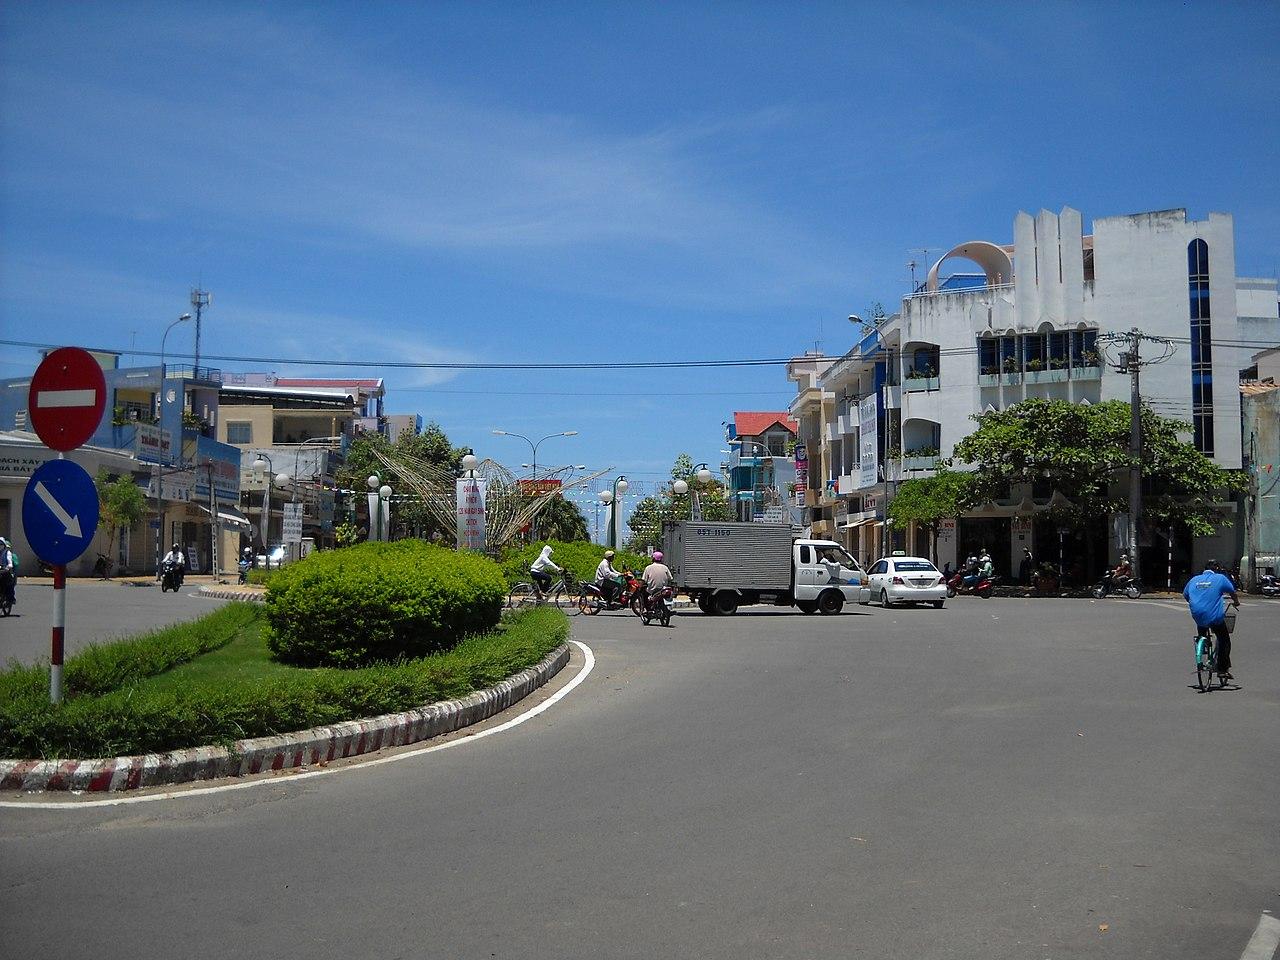 Dự án giúp giao thông tại tỉnh Ninh Thuận được thông thoáng và mở rộng hơn